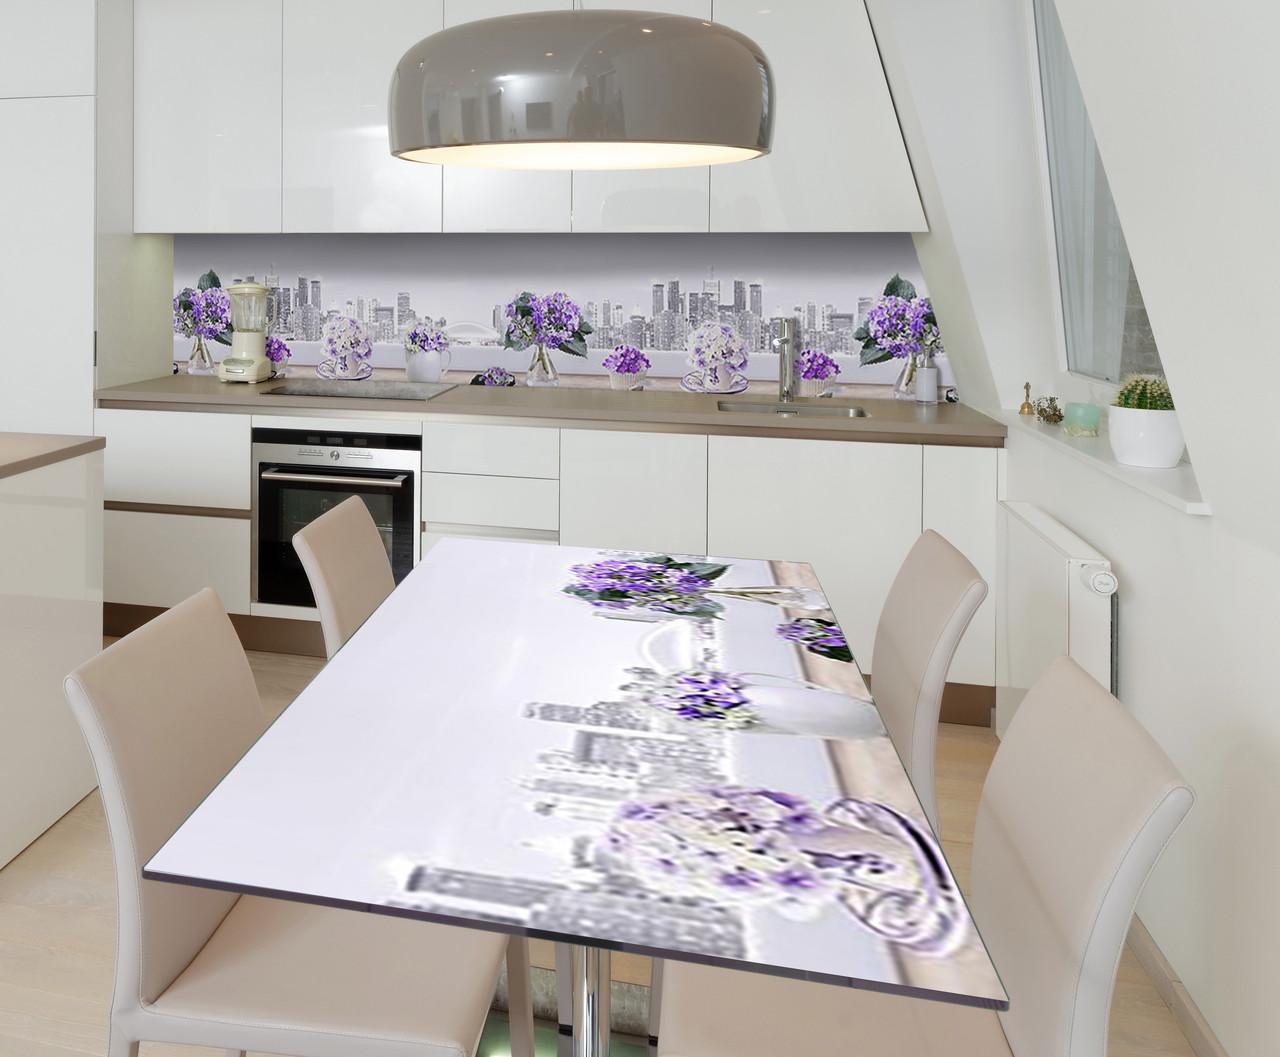 Наклейка 3Д виниловая на стол Zatarga «Грёзы Нью-Йорка» 600х1200 мм для домов, квартир, столов, кофейн, кафе